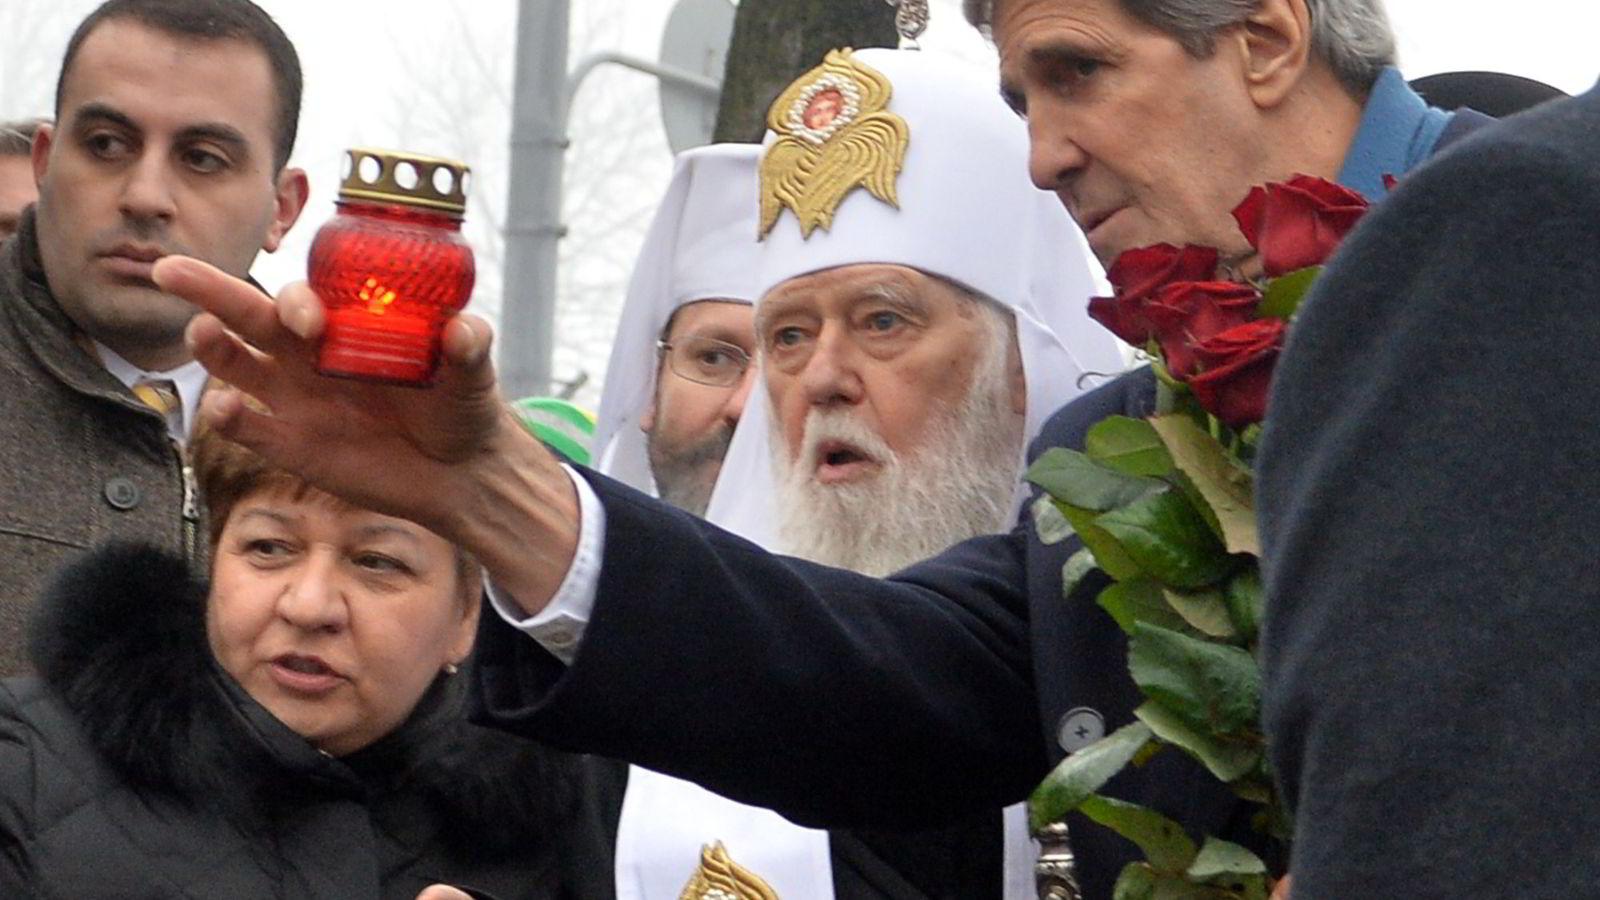 TIL ANGREP: Patriark Filaret, her med USAs utenriksminister John Kerry, går til angrep mot Russland.